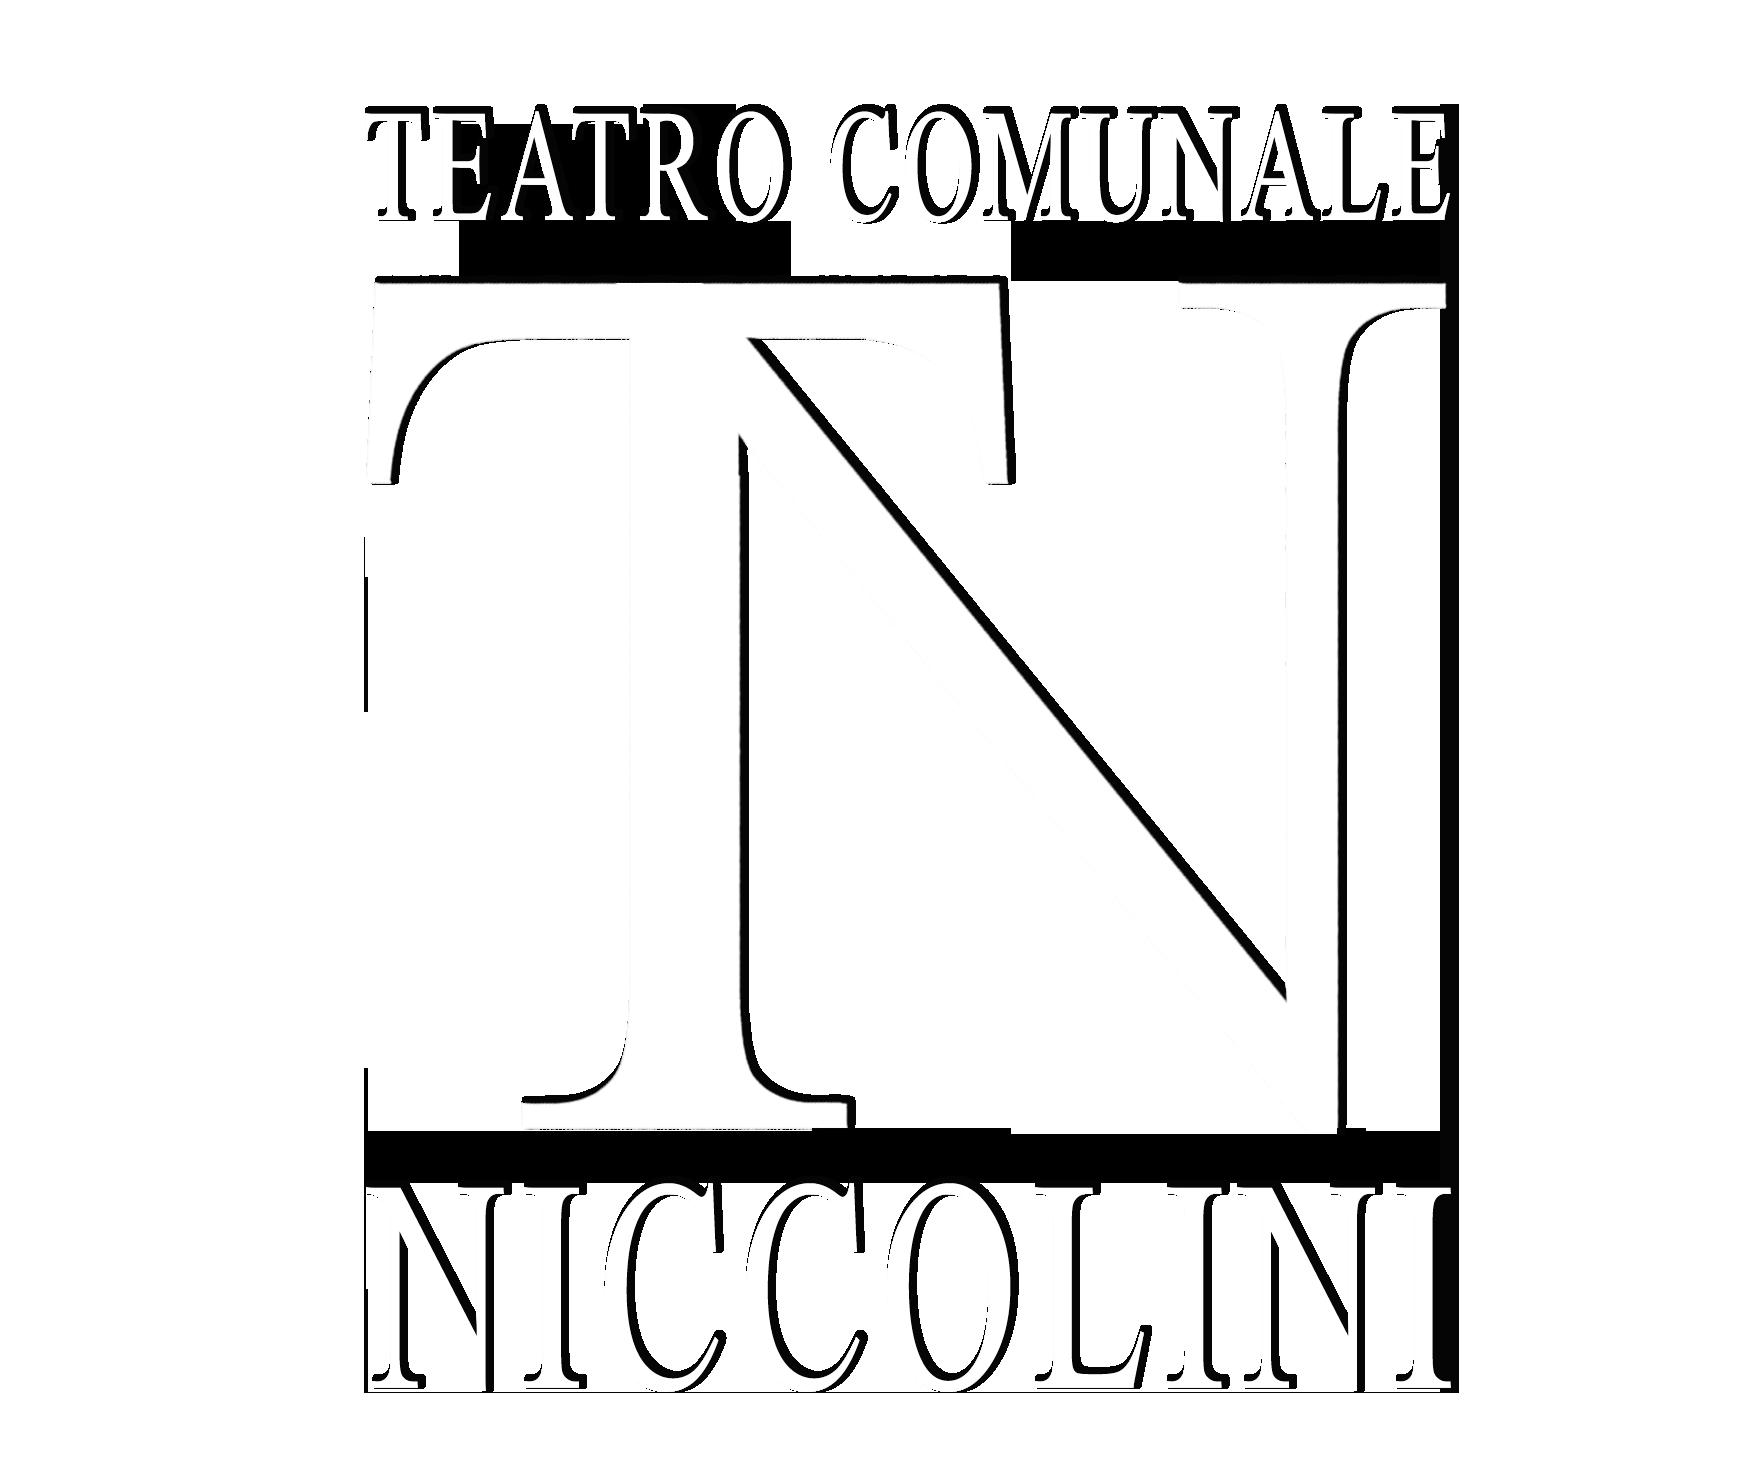 TEATRO COMUNALE NICCOLINI